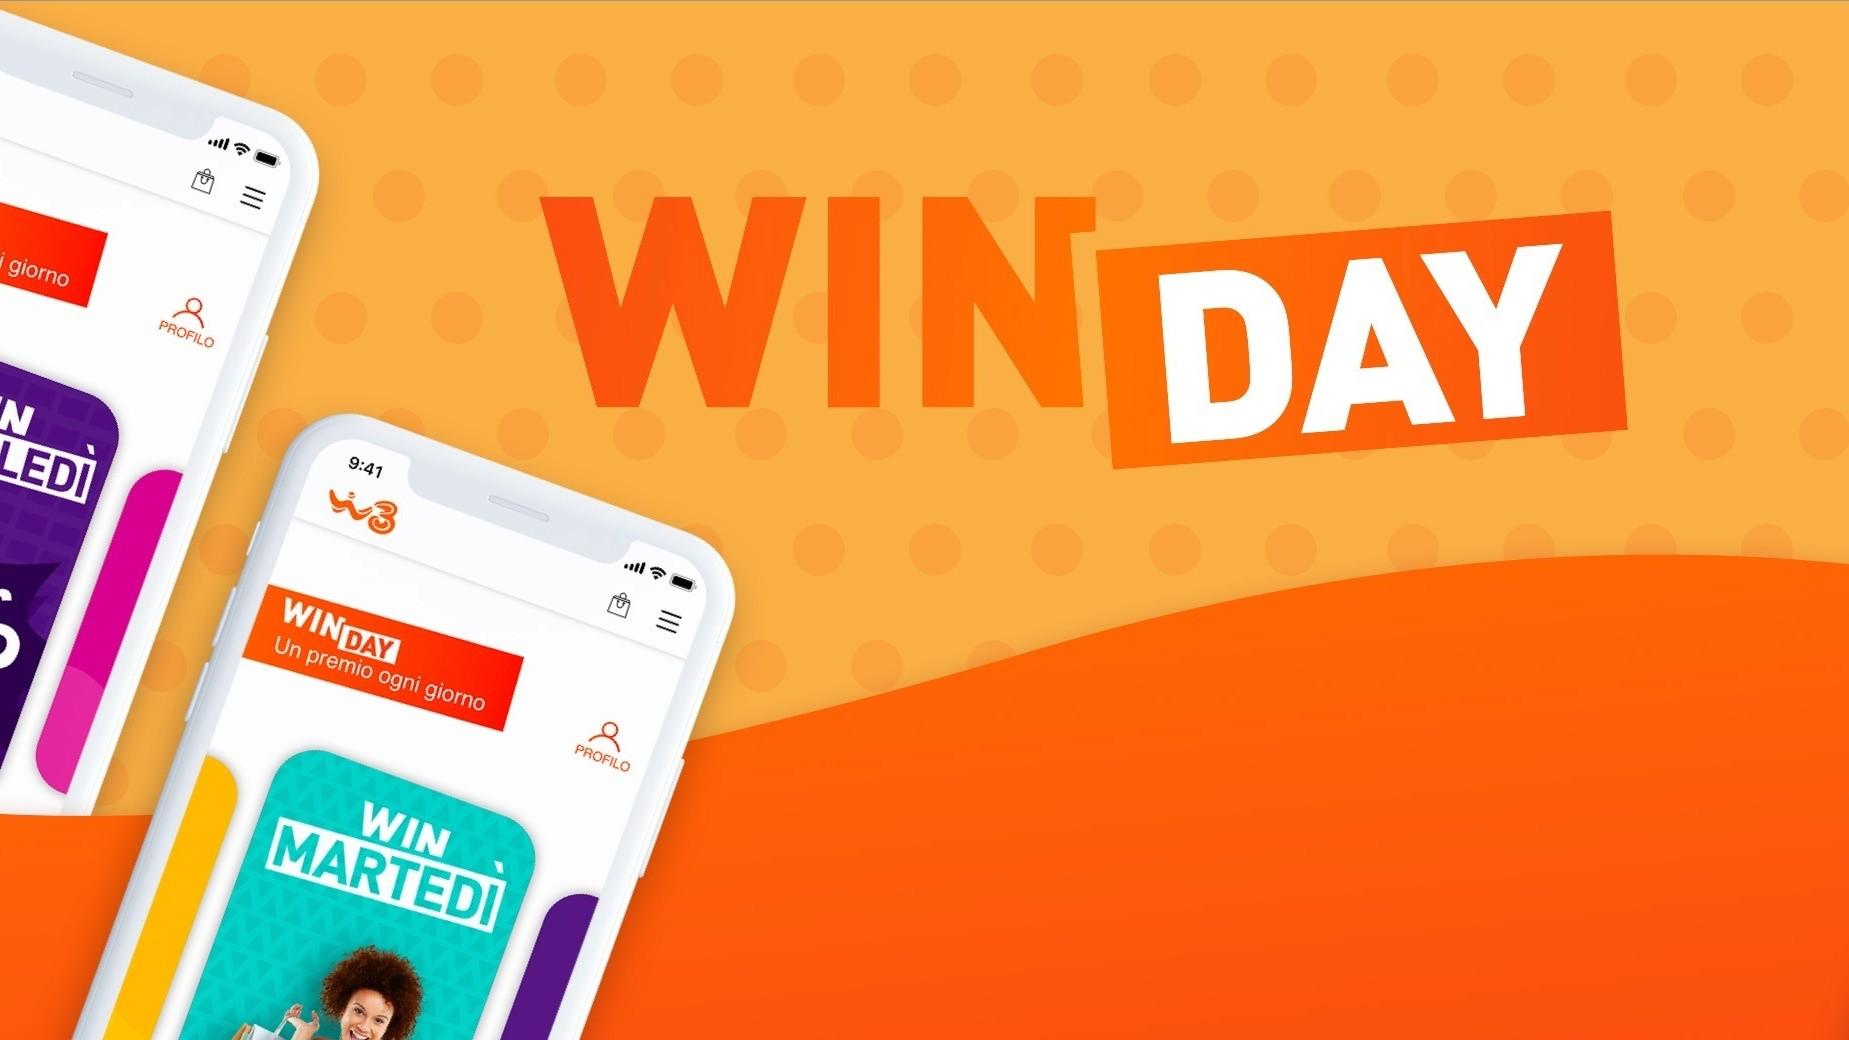 WinDay: le offerte da non perdere nella settimana di Ferragosto thumbnail